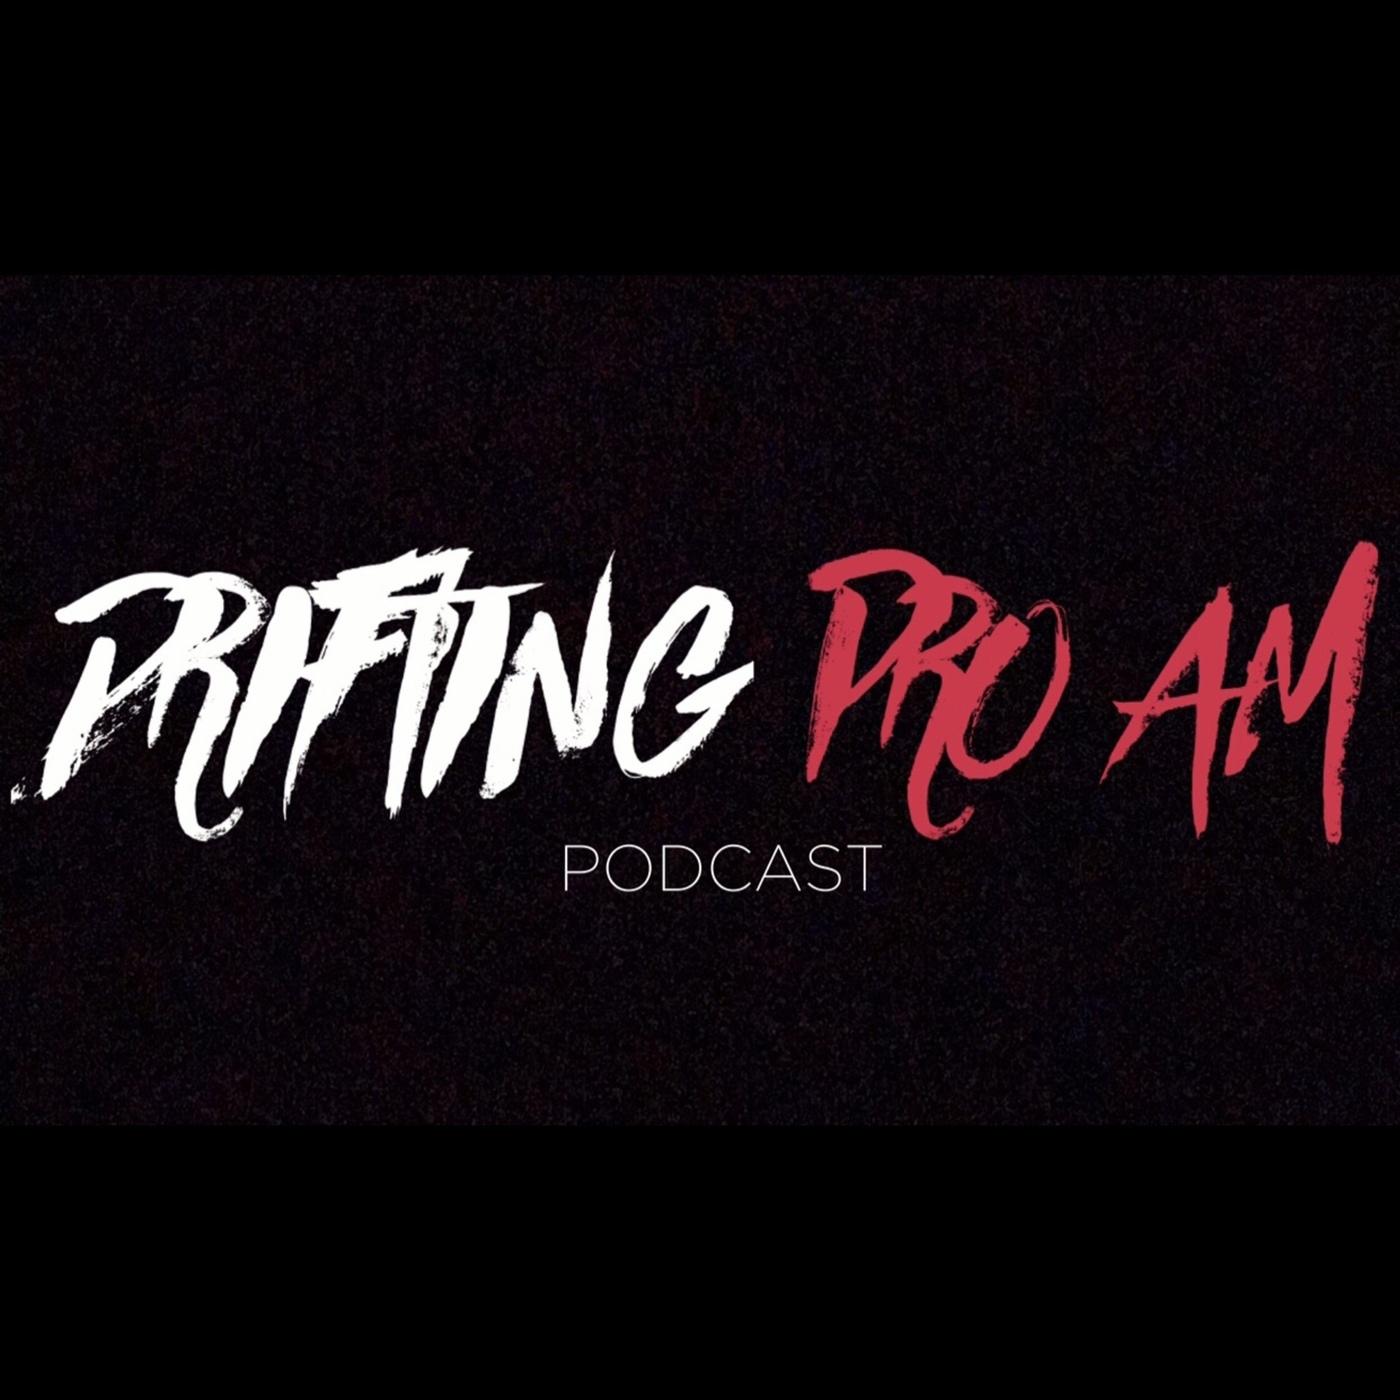 Drifting Pro Am 30: Scotty Dee